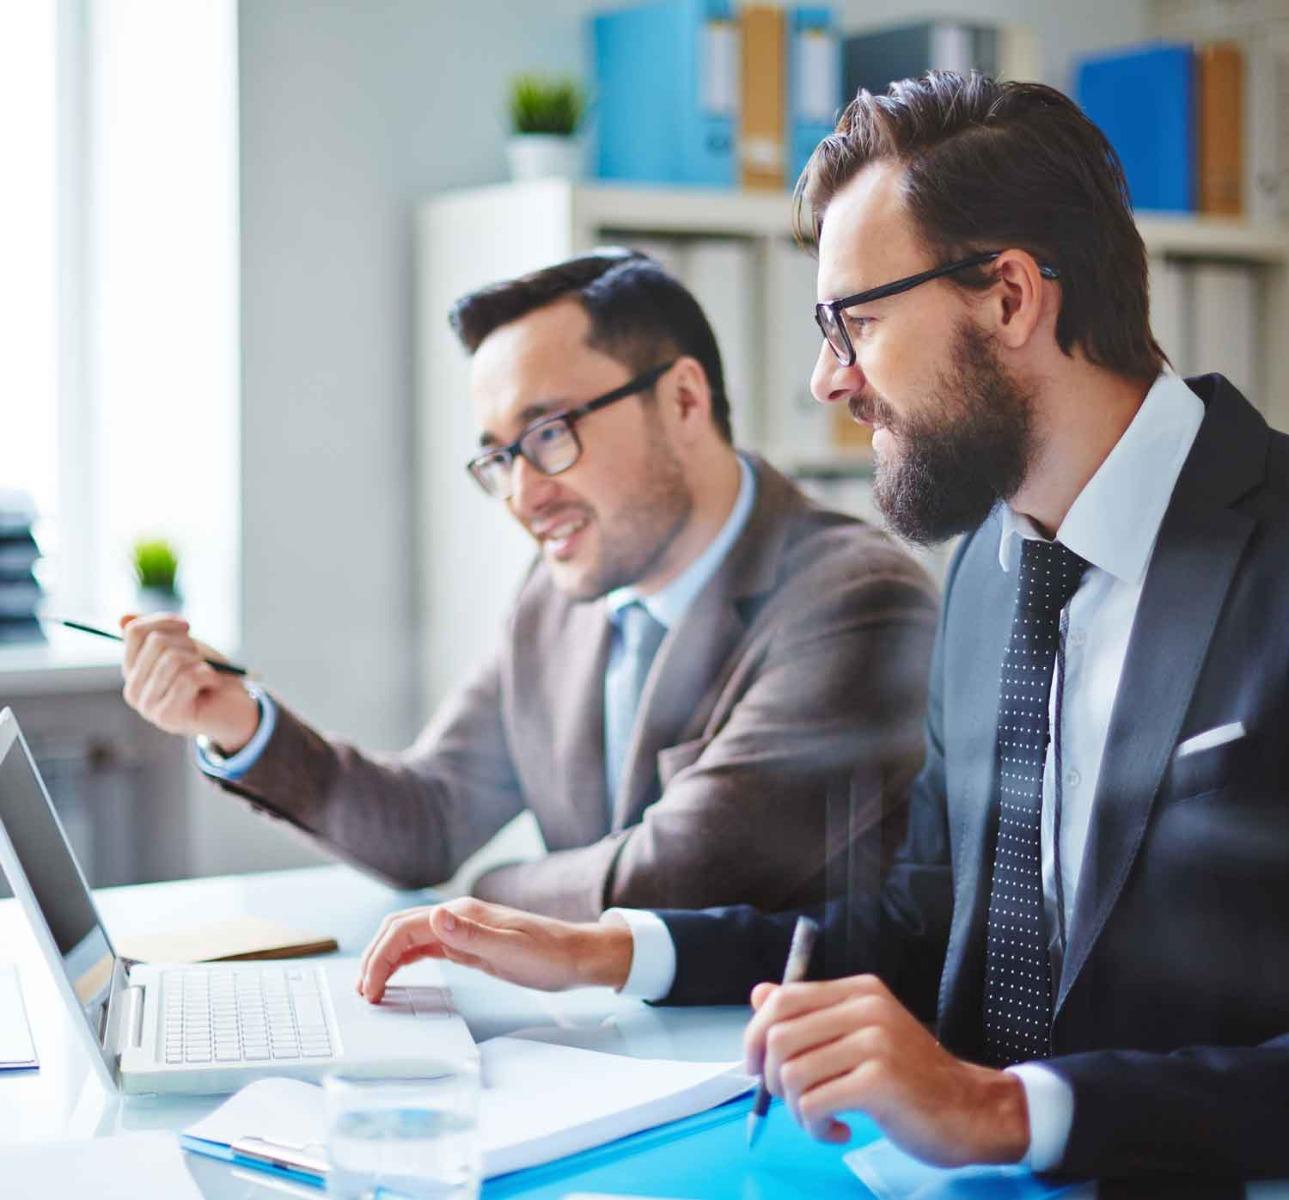 Zwei Männer die verschiedene KFZ-Versicherungen evaluieren.